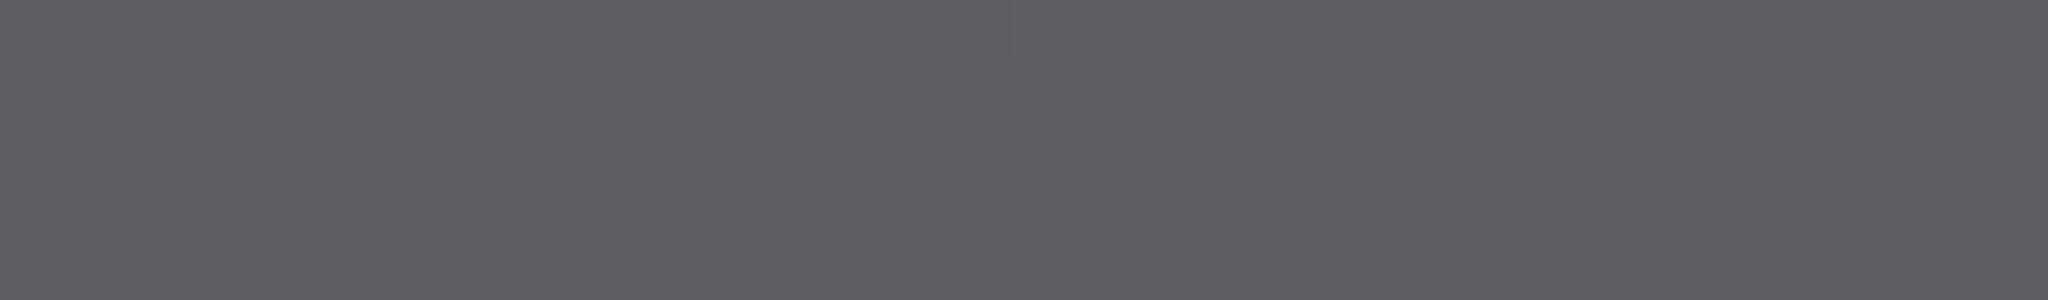 HU 174162 ABS hrana šedá tmavá hladká lesk 90°